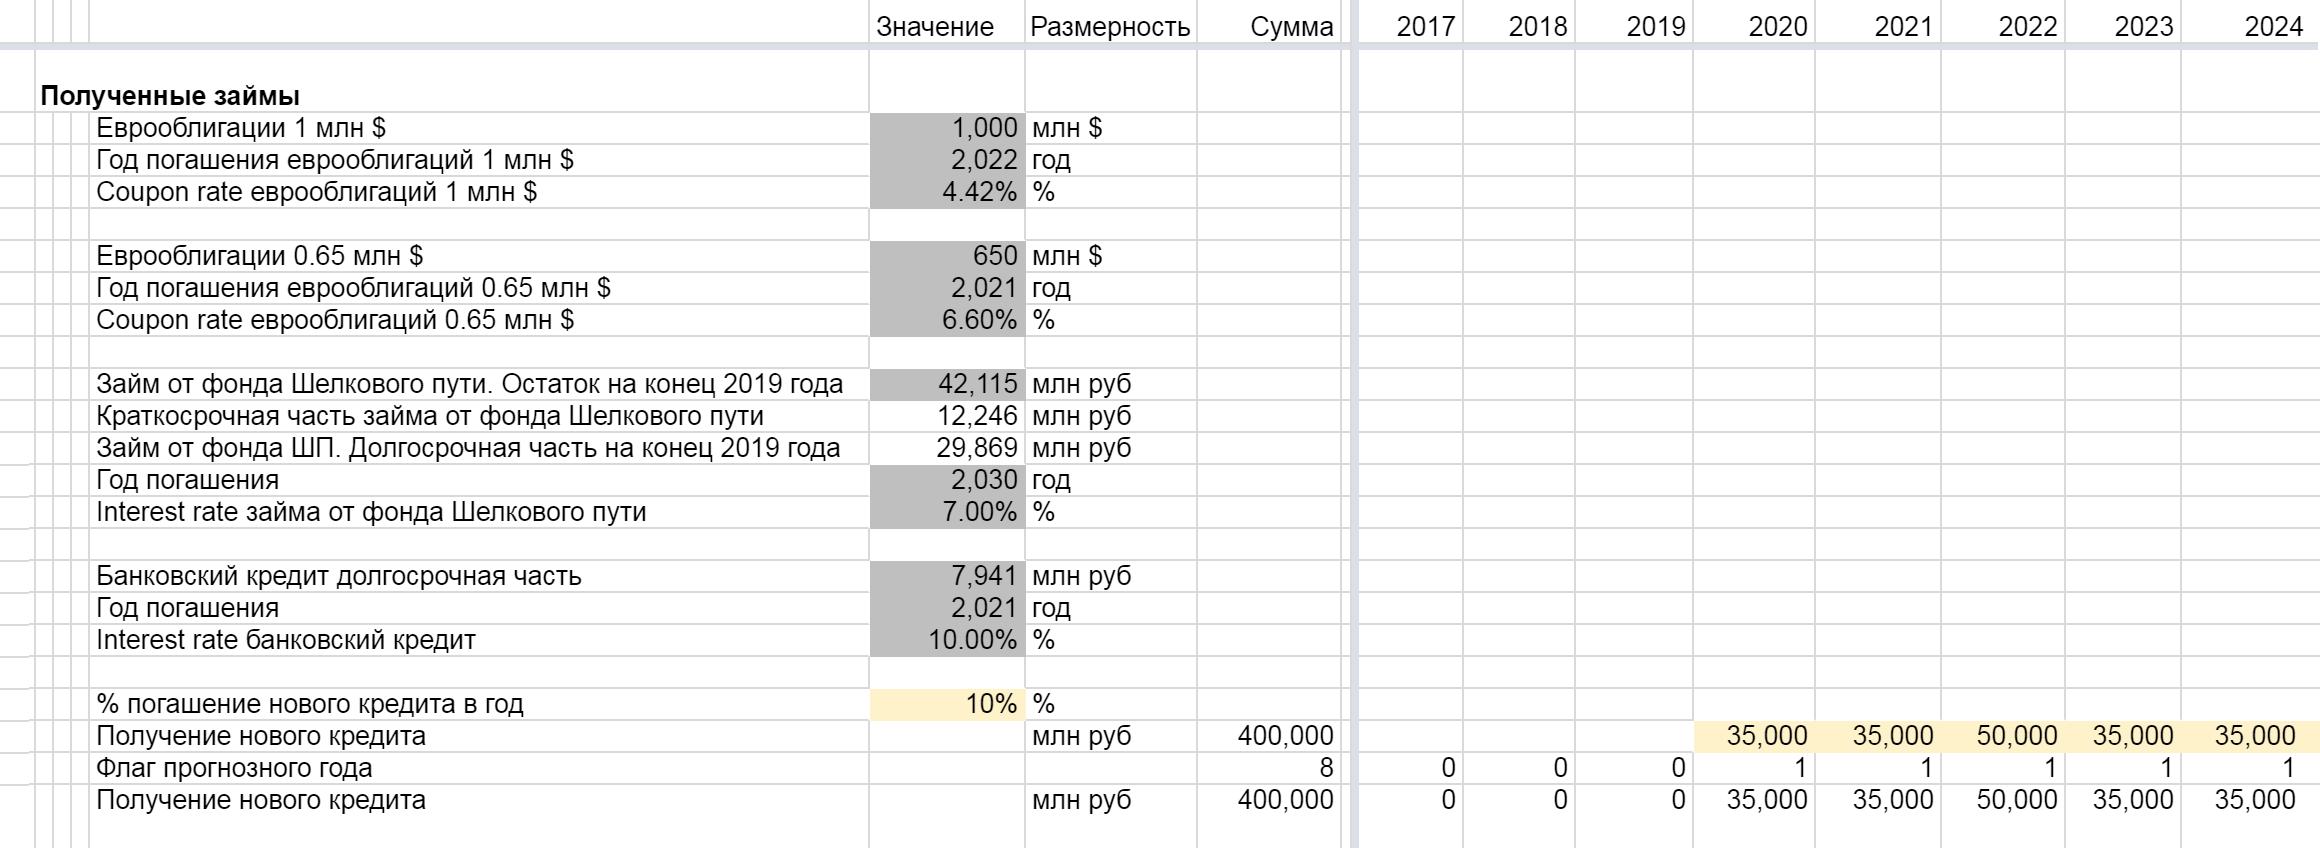 Часть таблицы с полученными займами